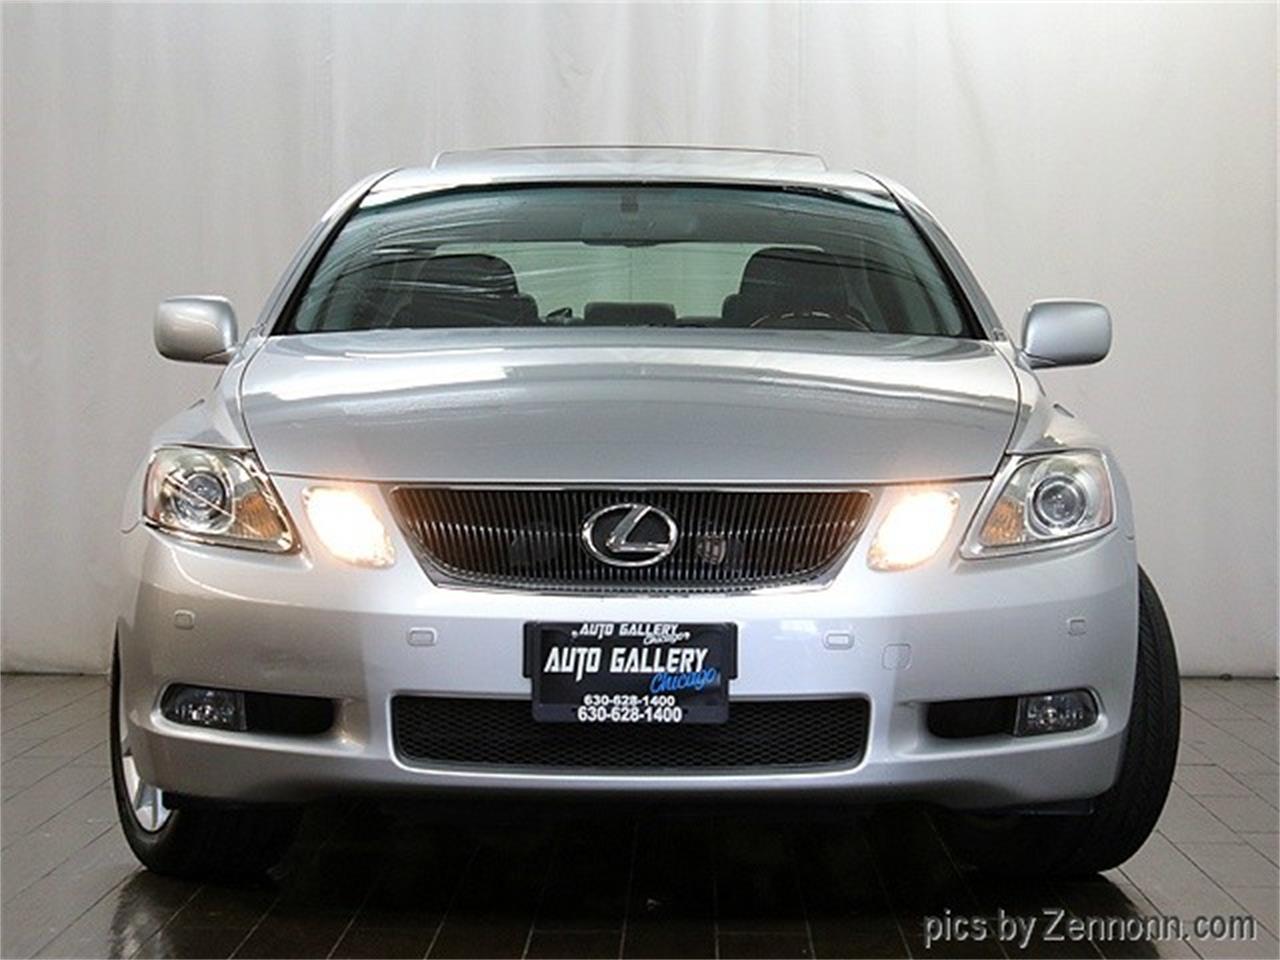 Large Picture of '07 Lexus GS300 - $11,990.00 - M6DE